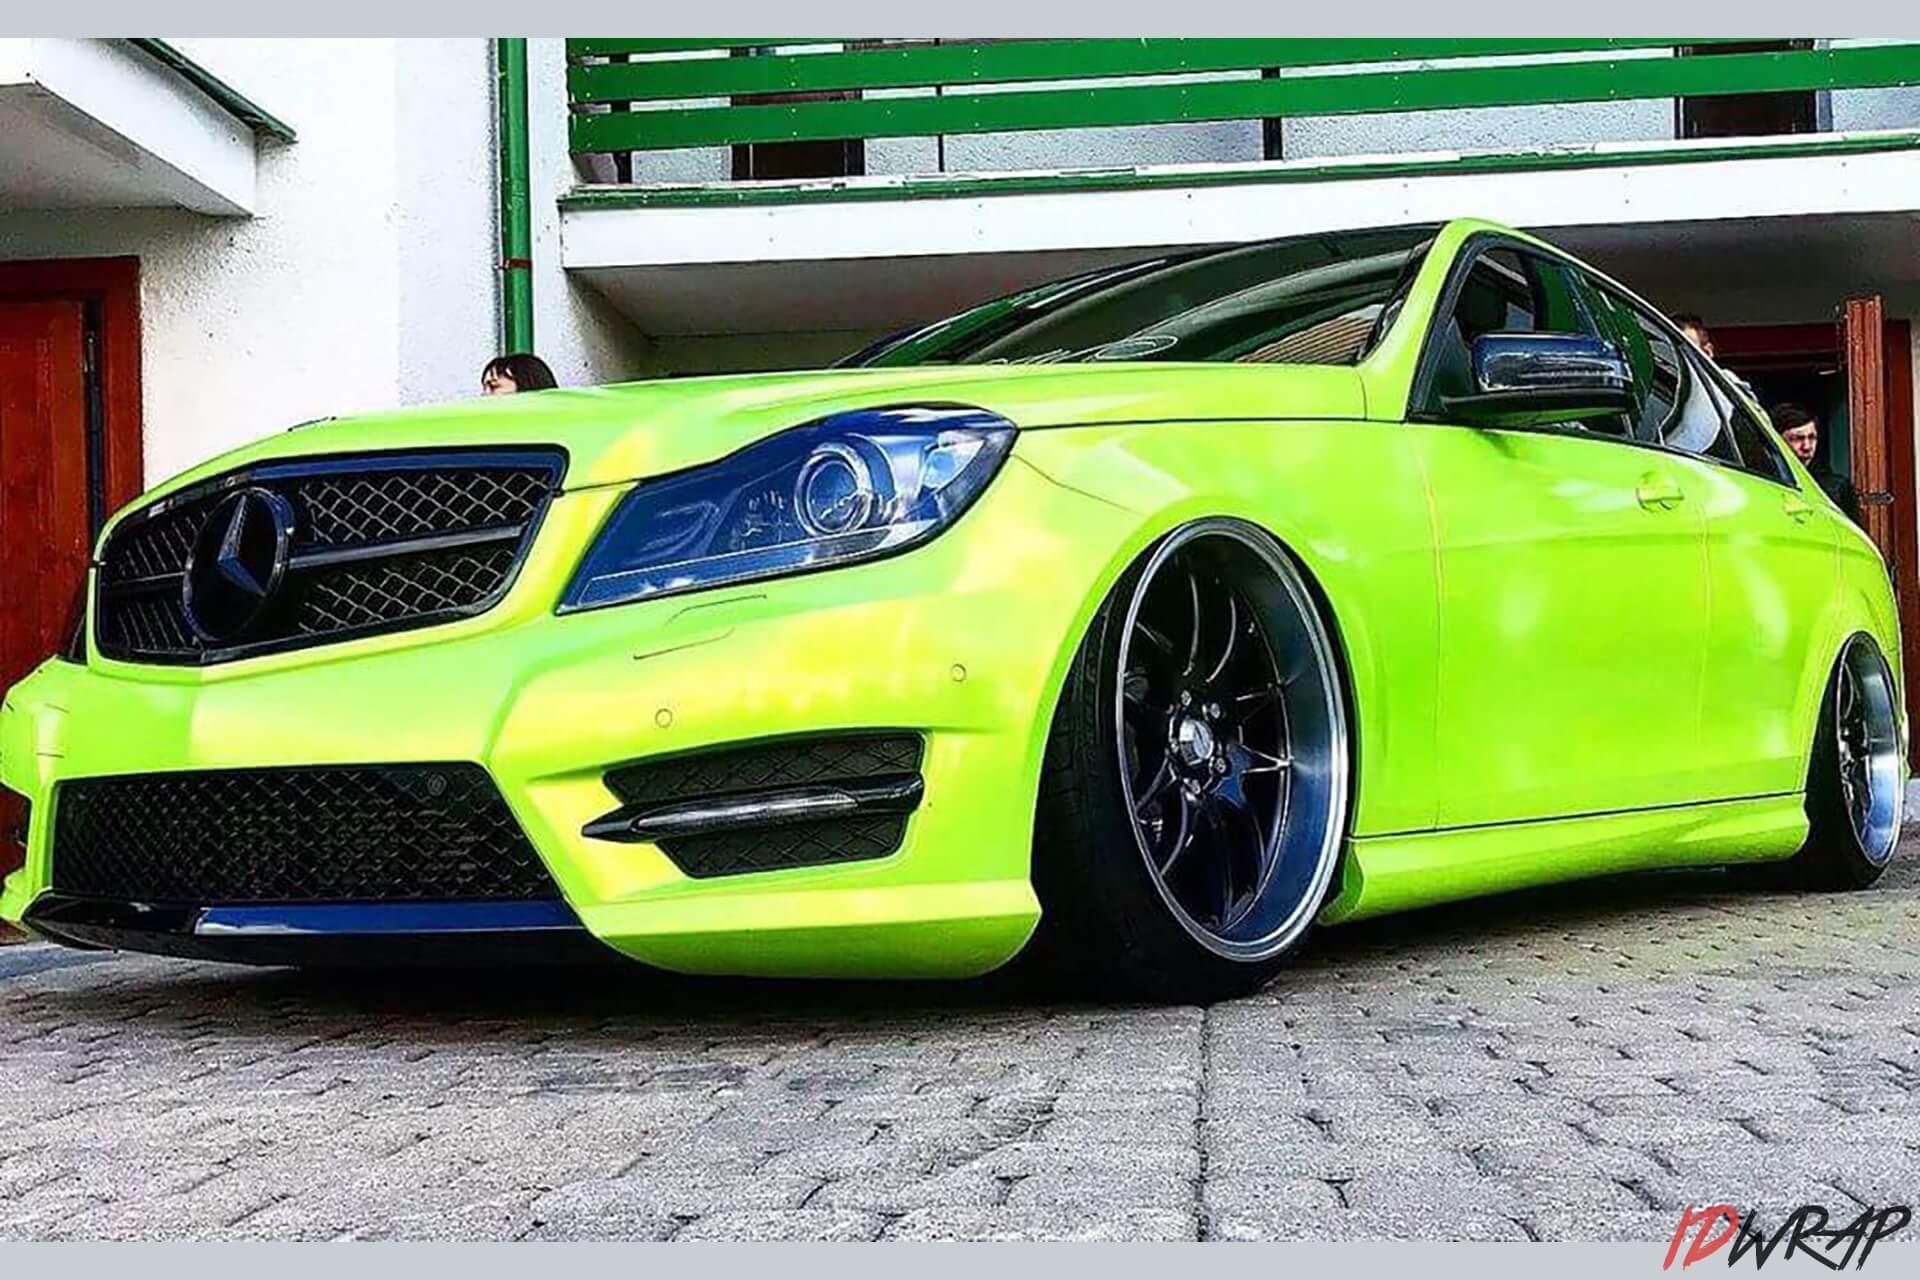 Mercedes c-class кислота от teckwrap